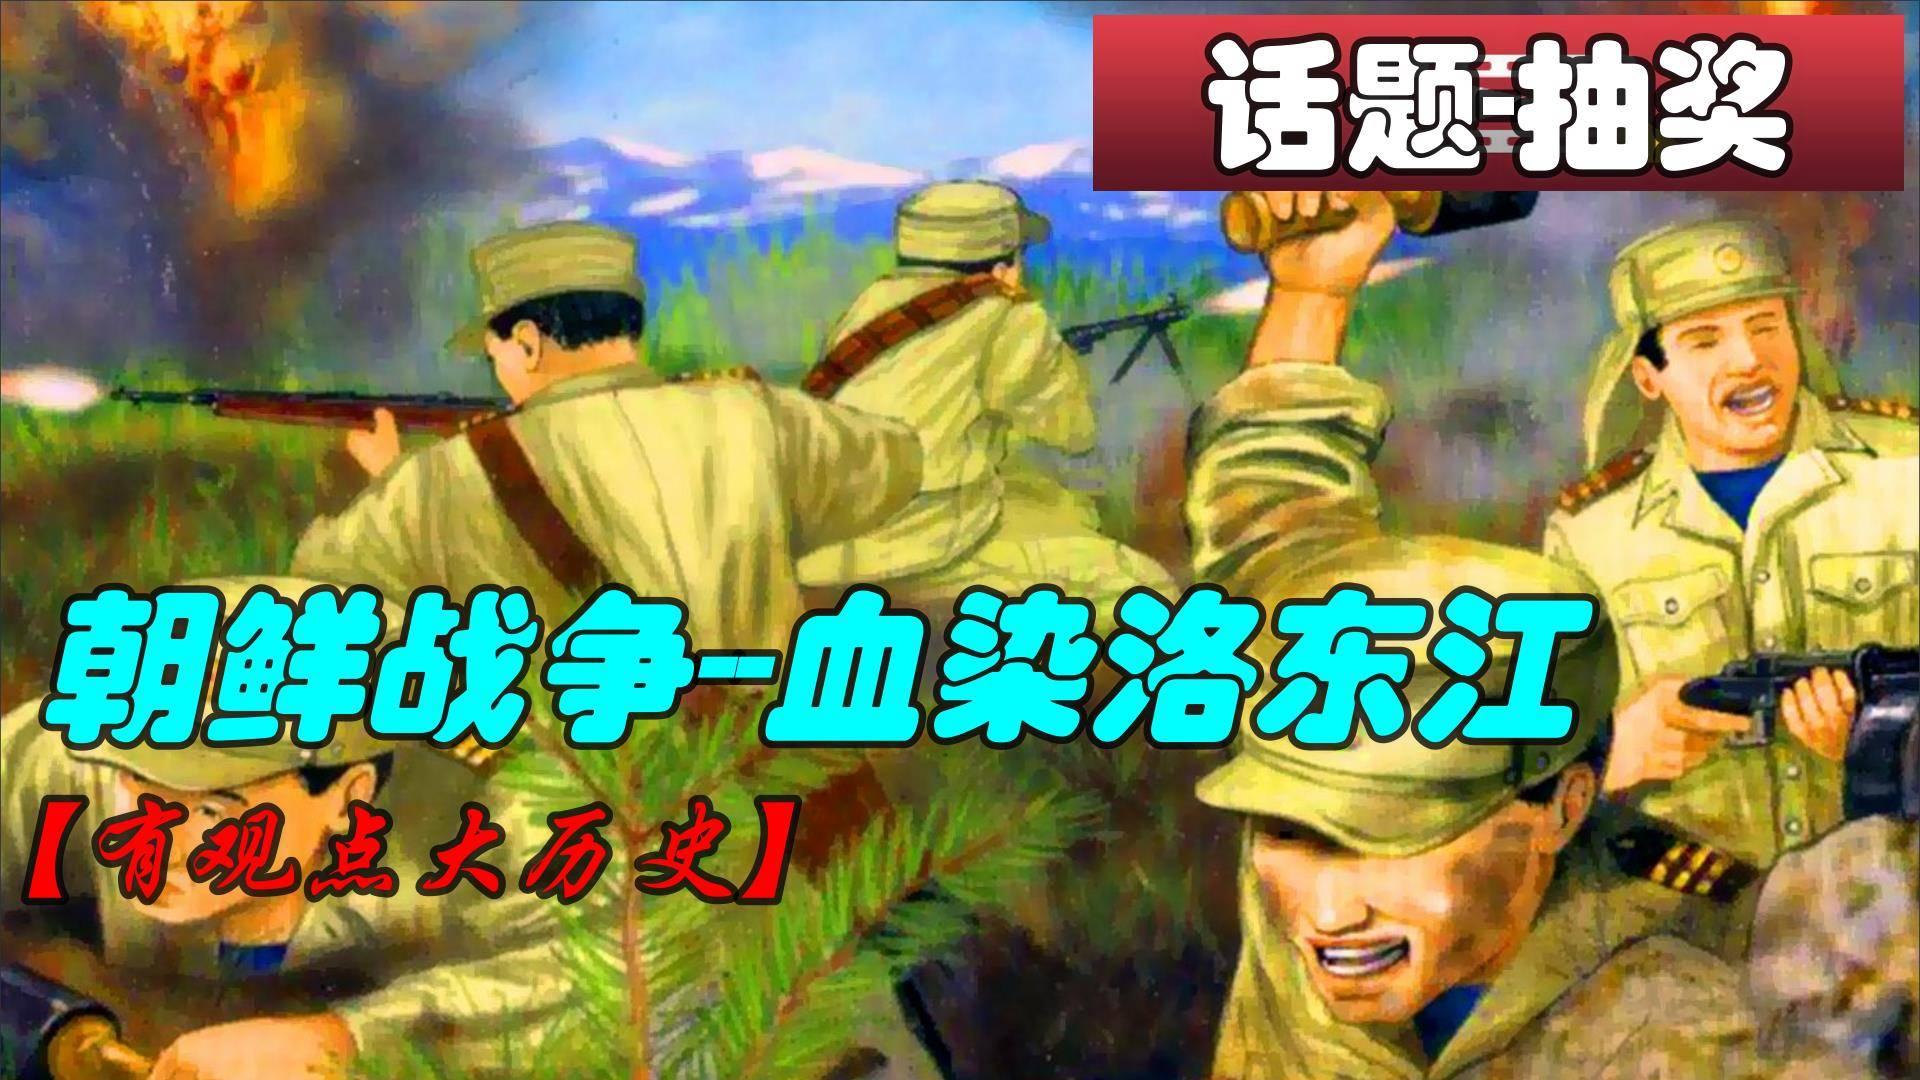 #话题抽奖# 朝鲜战争--血染洛东江